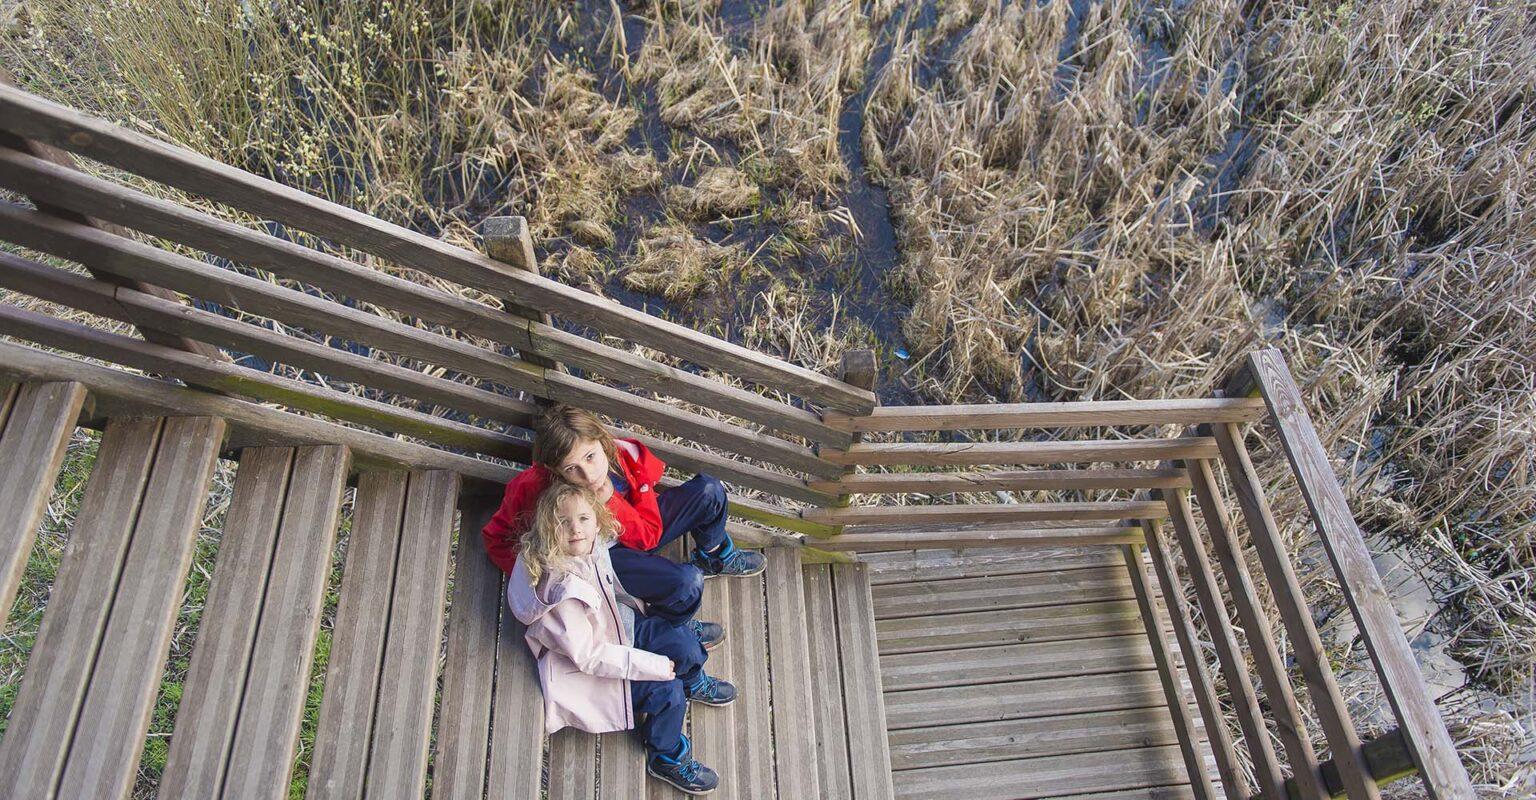 Bagno Całowanie - niezwykłe miejsce na rodzinny spacer